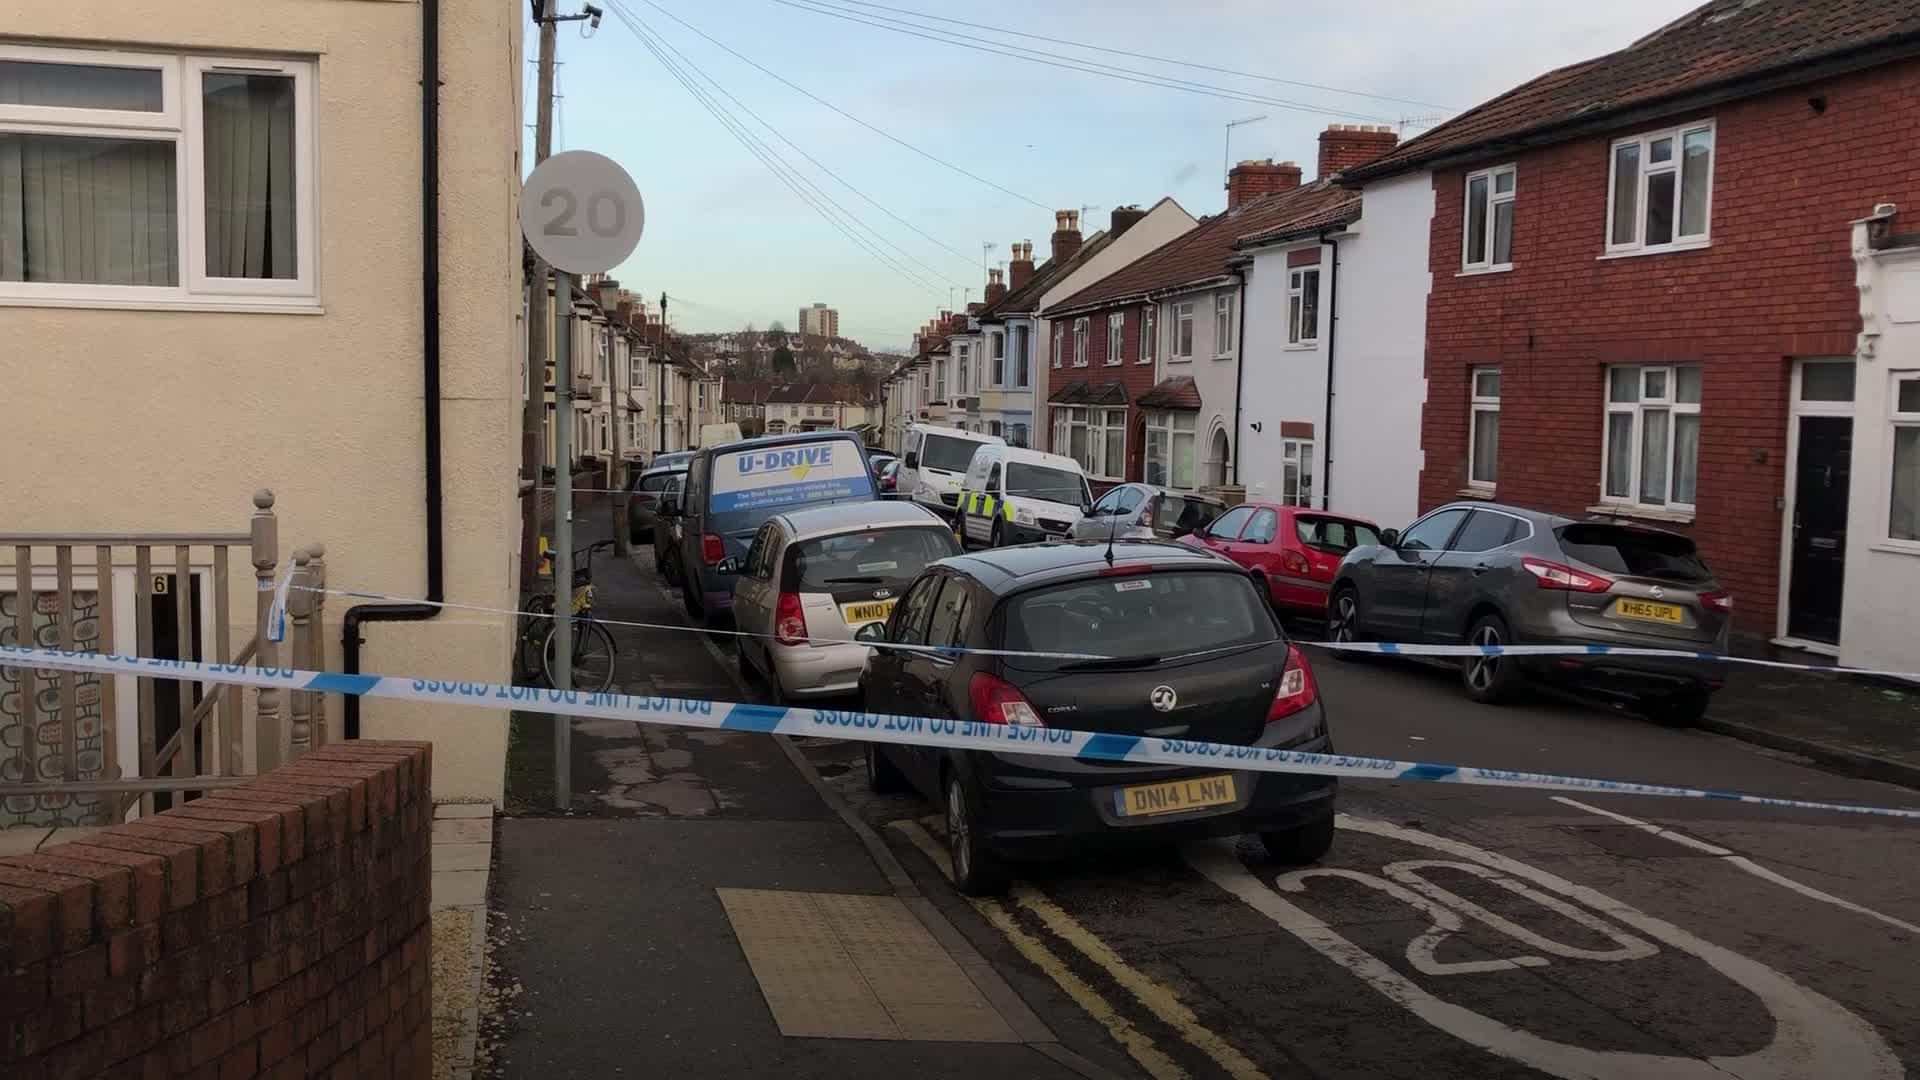 Bristol Stabbing: Boy, 14, Arrested Over Fatal Knife Attack On Teenager